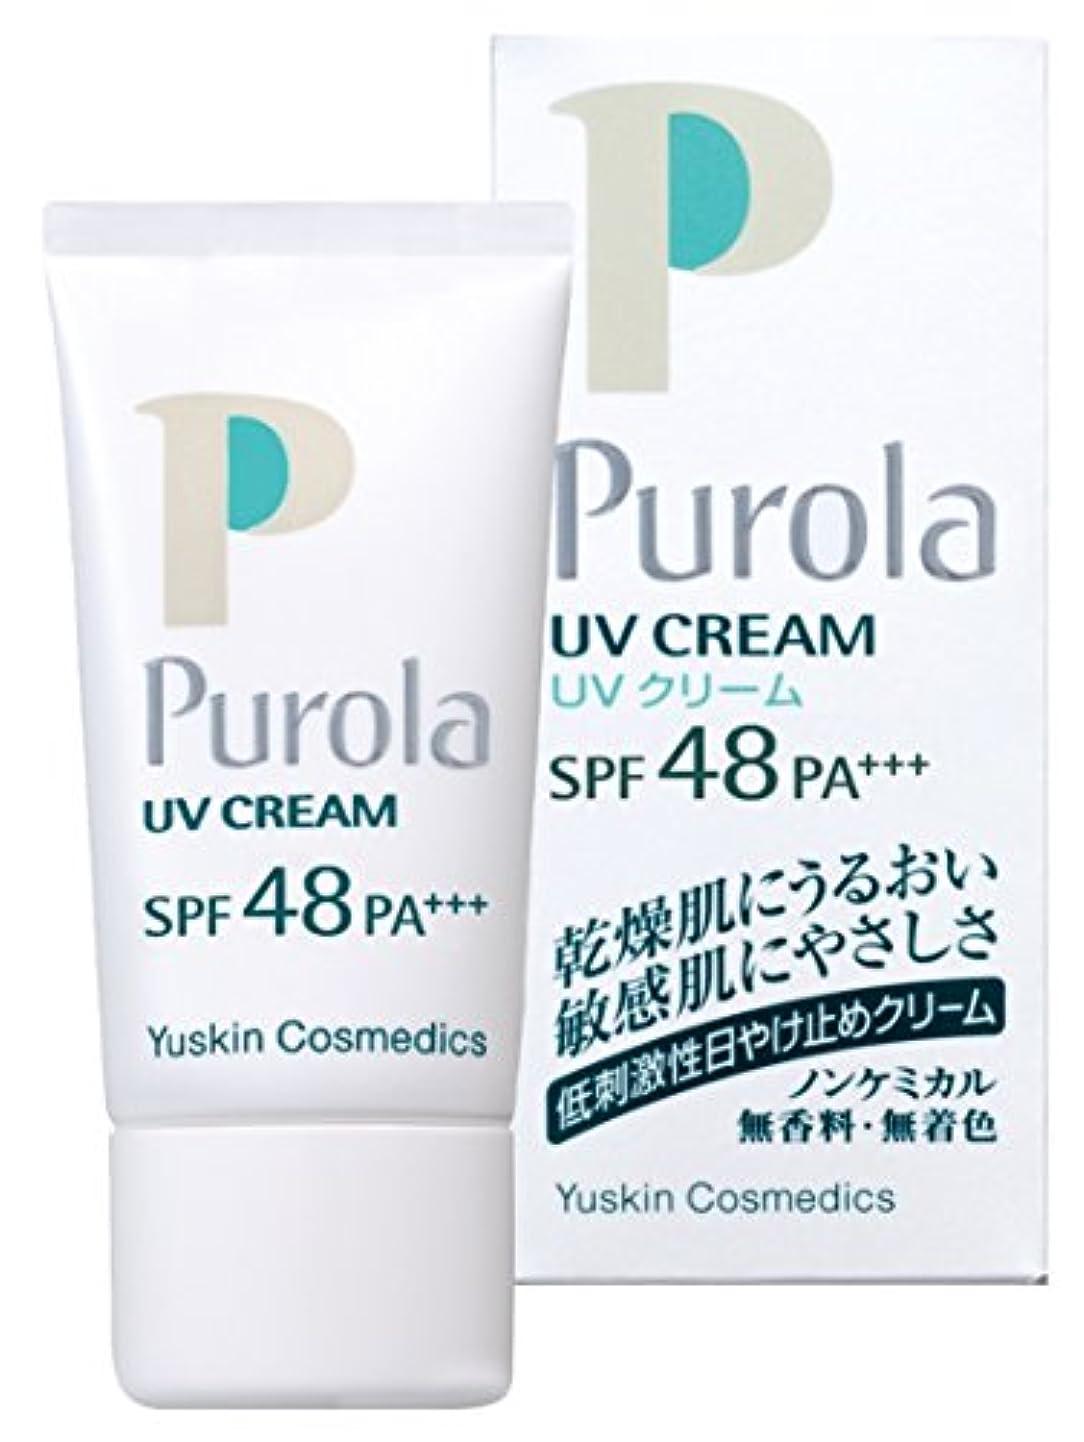 長さ日焼け分プローラ UVクリーム 30g SPF48 PA+++ (敏感肌用 日焼け止め)